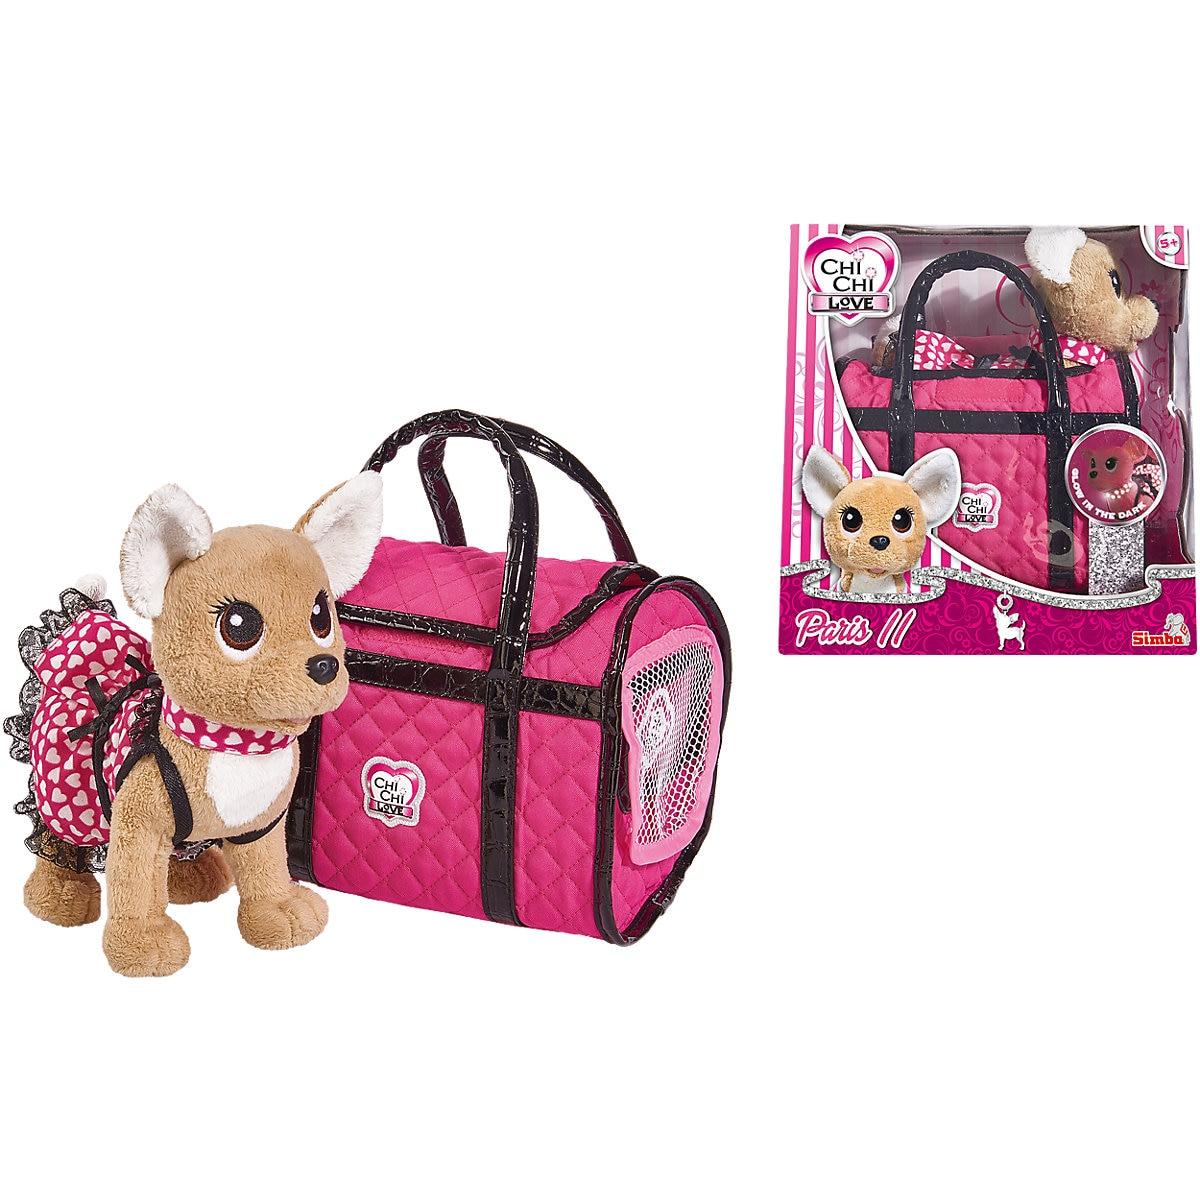 SIMBA peluche et peluche animaux 5565257 jouets pour enfants boîte cadeau jouet enfants Chi Chi amour MTpromo